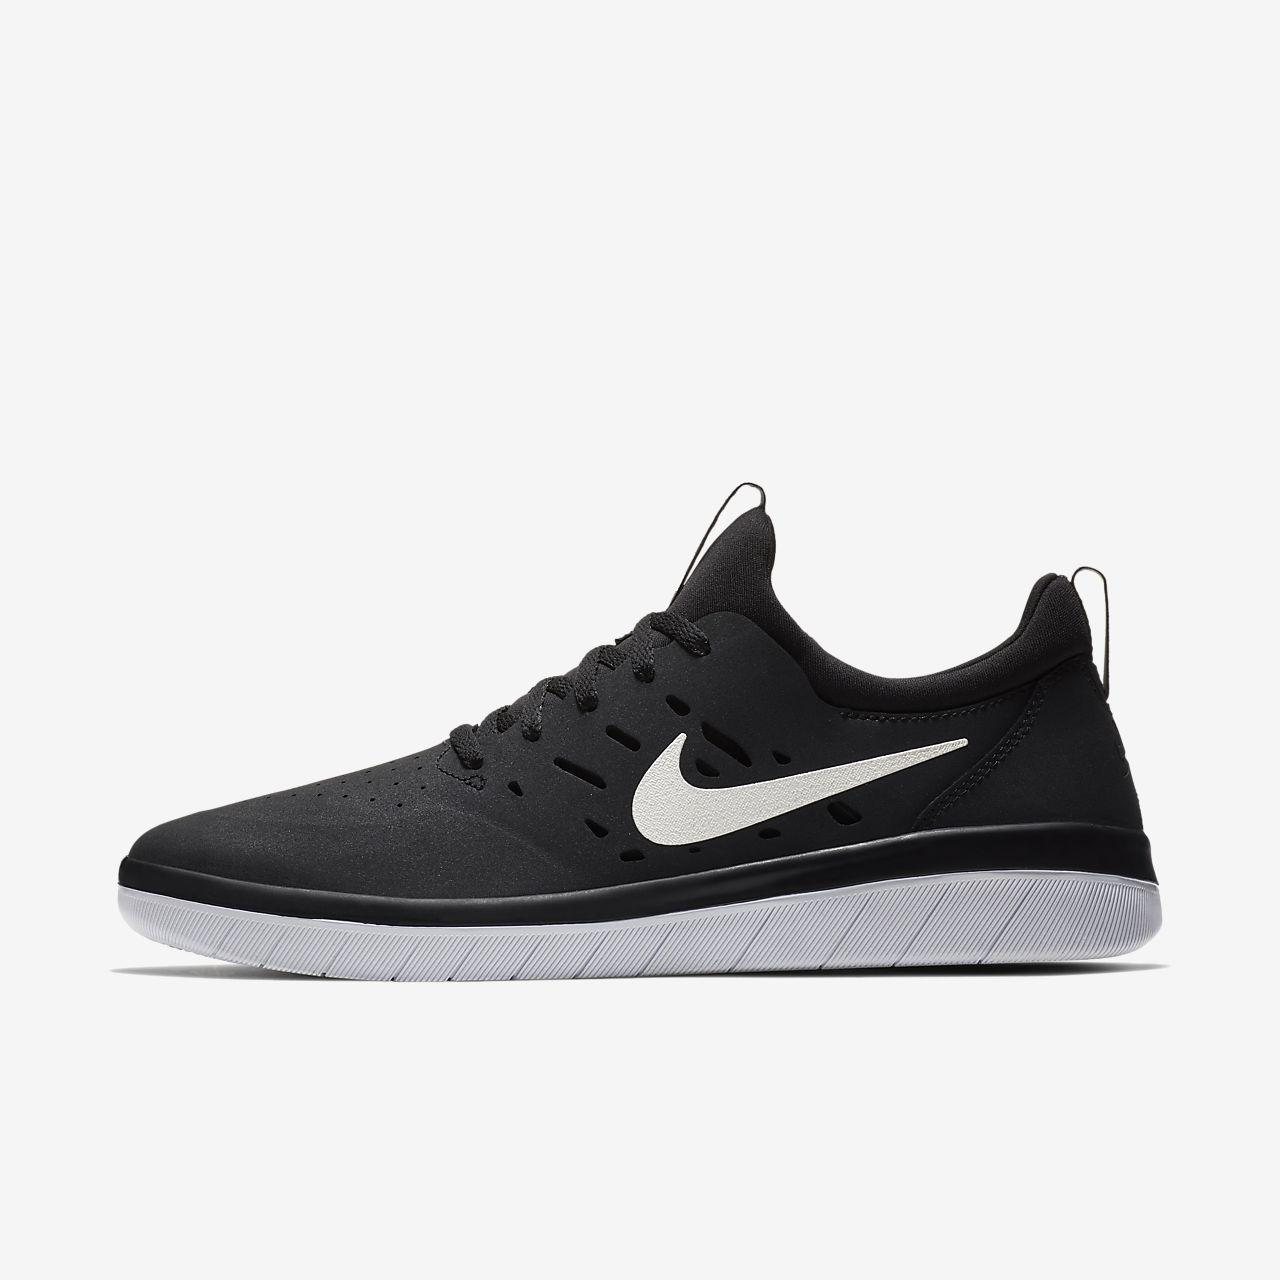 Nike SB Nyjah Zapatillas de skateboard ES